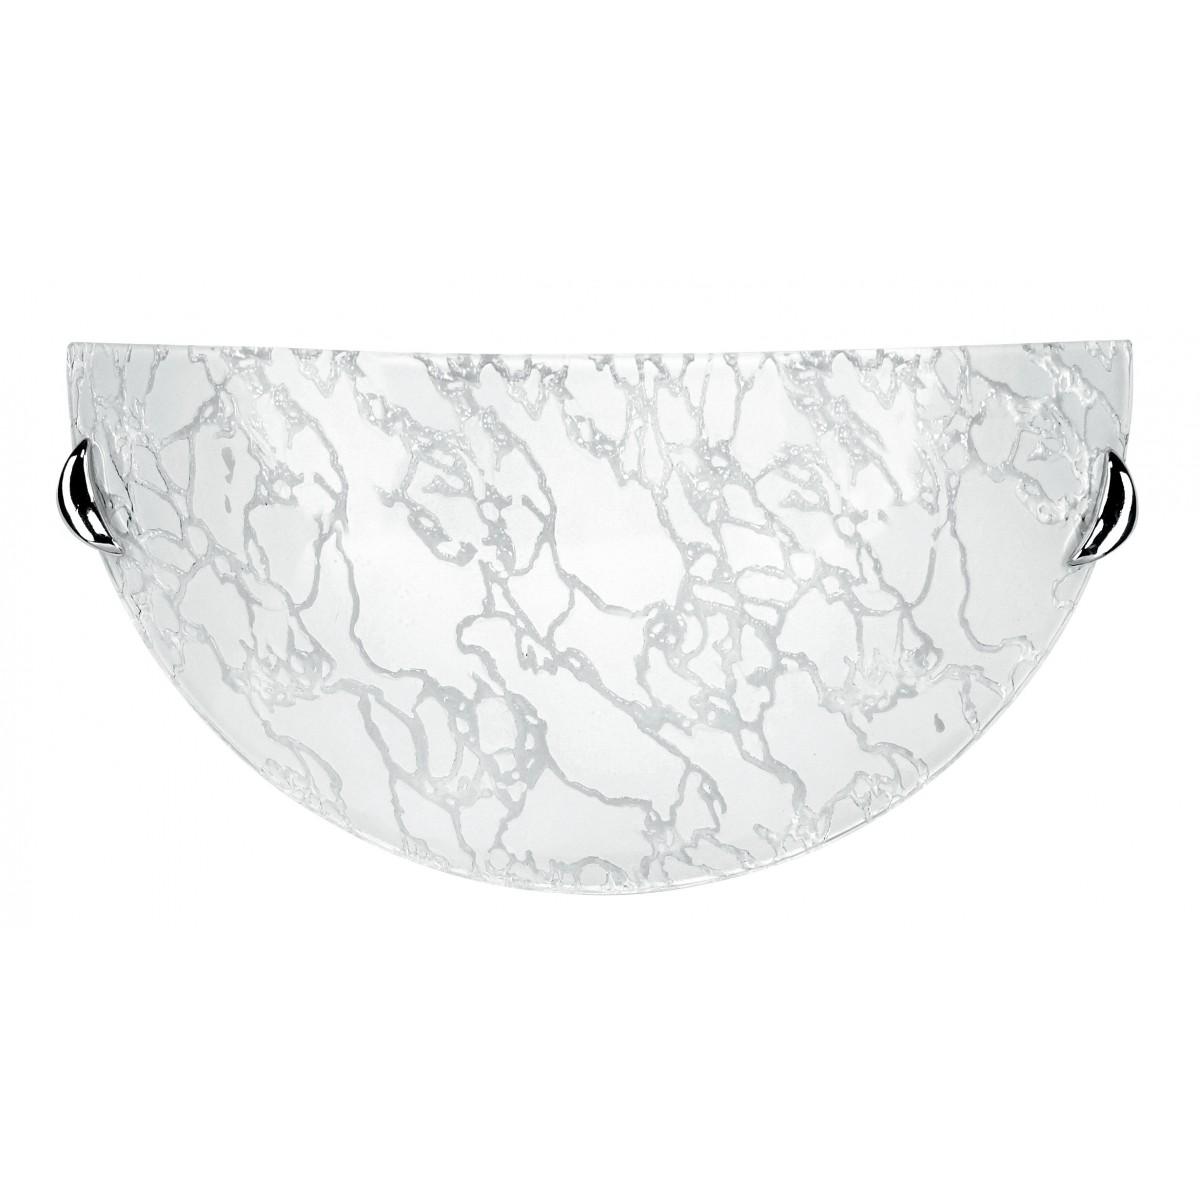 41/00212 - Applique Bezel avec décoration en verre de glace Applique moderne E27